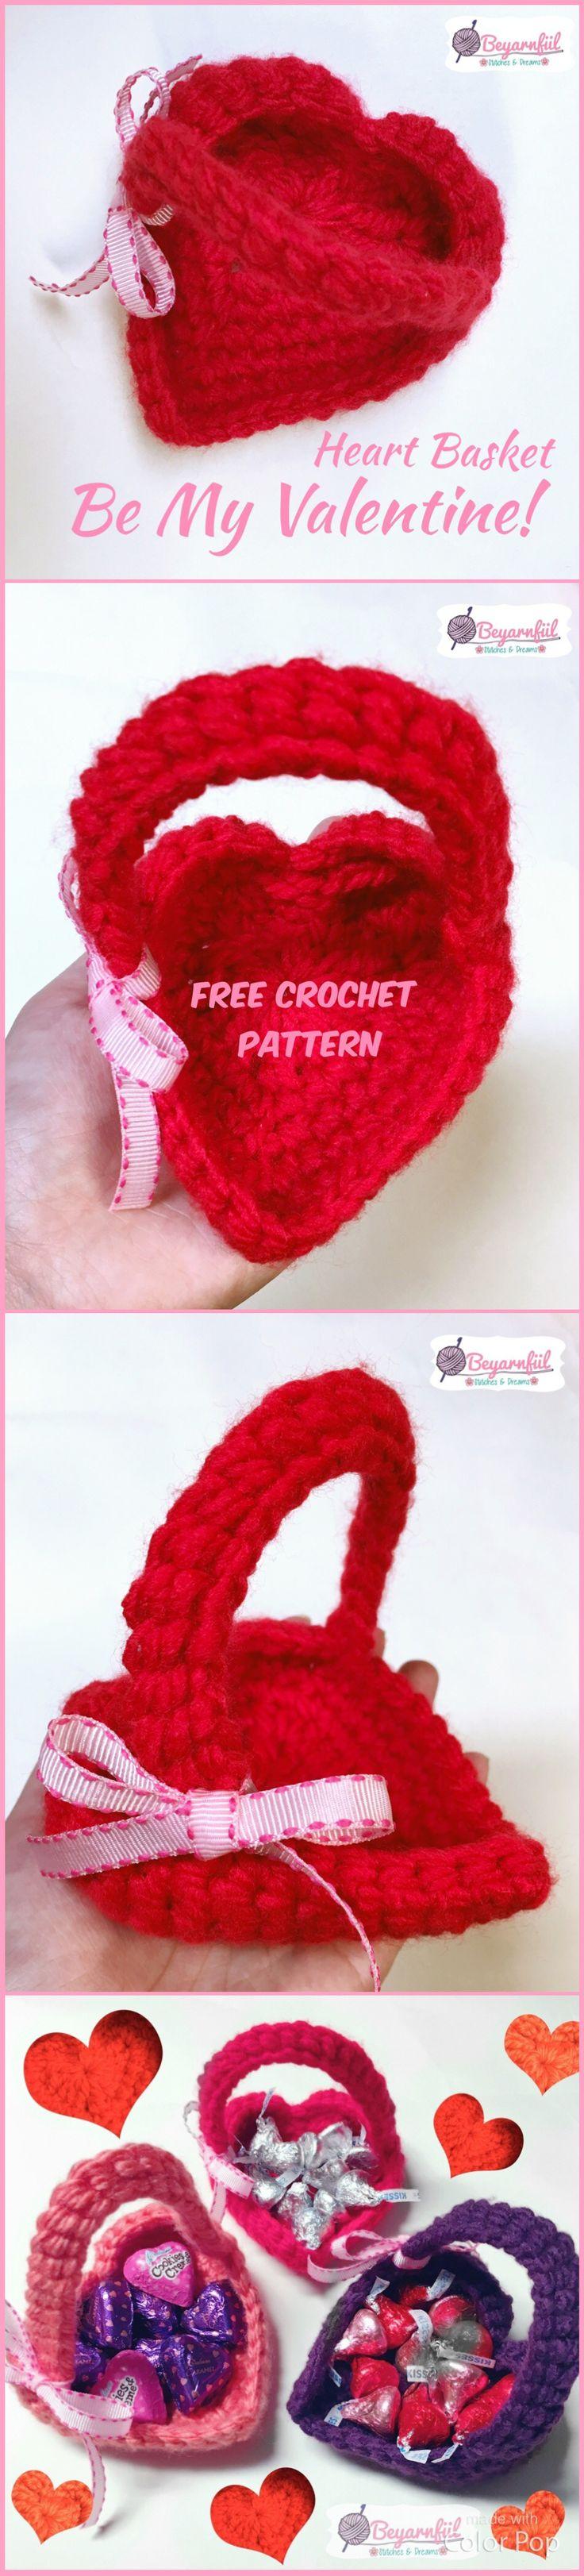 Crochet Heart | Easy Crochet Heart Basket | Free crochet Heart | Free Crochet Basket